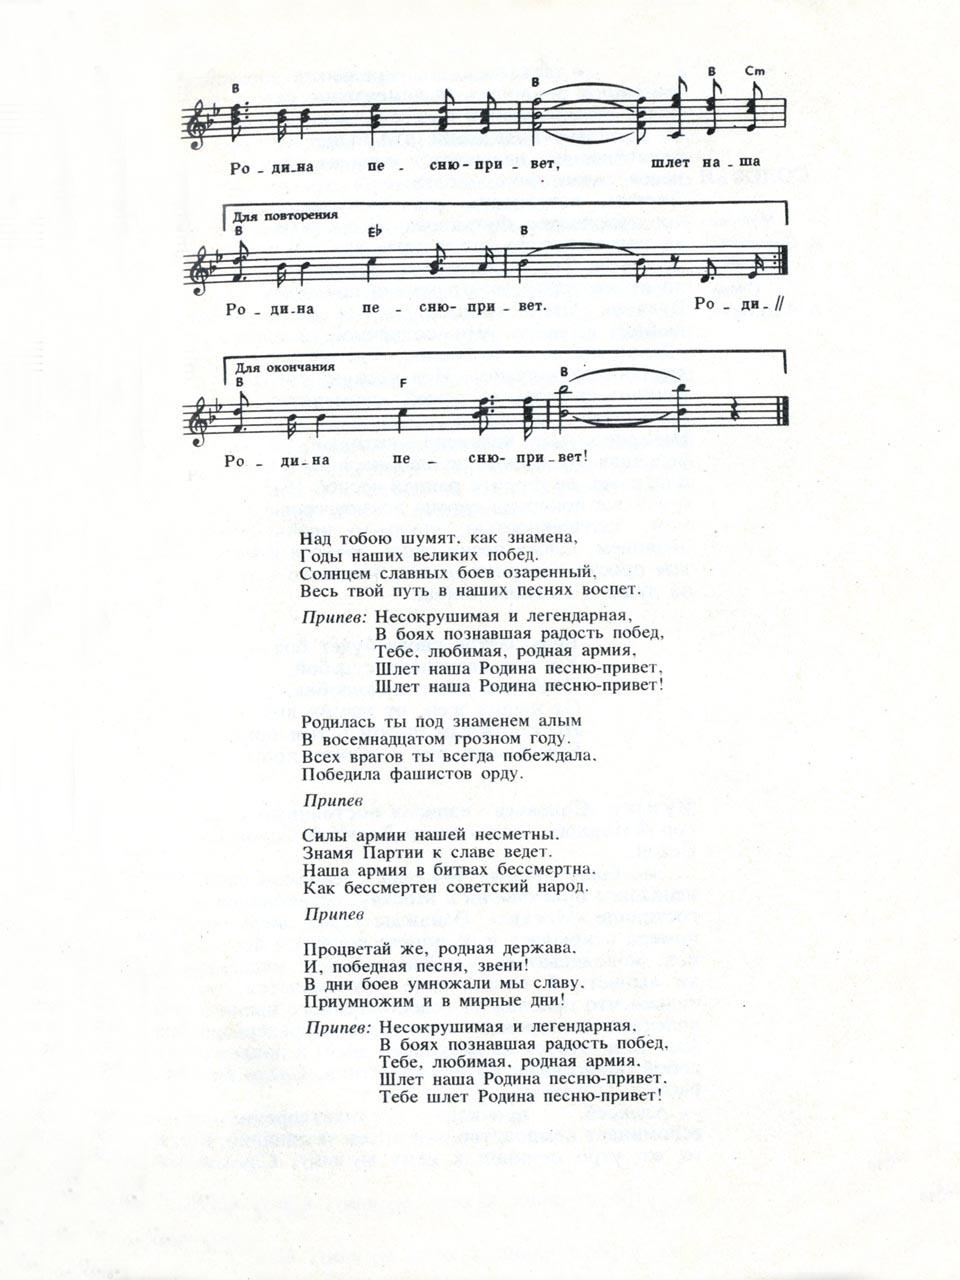 А. Александров, О. Колычев. Песня о Советской Армии. Ноты и аккордовая цифровка